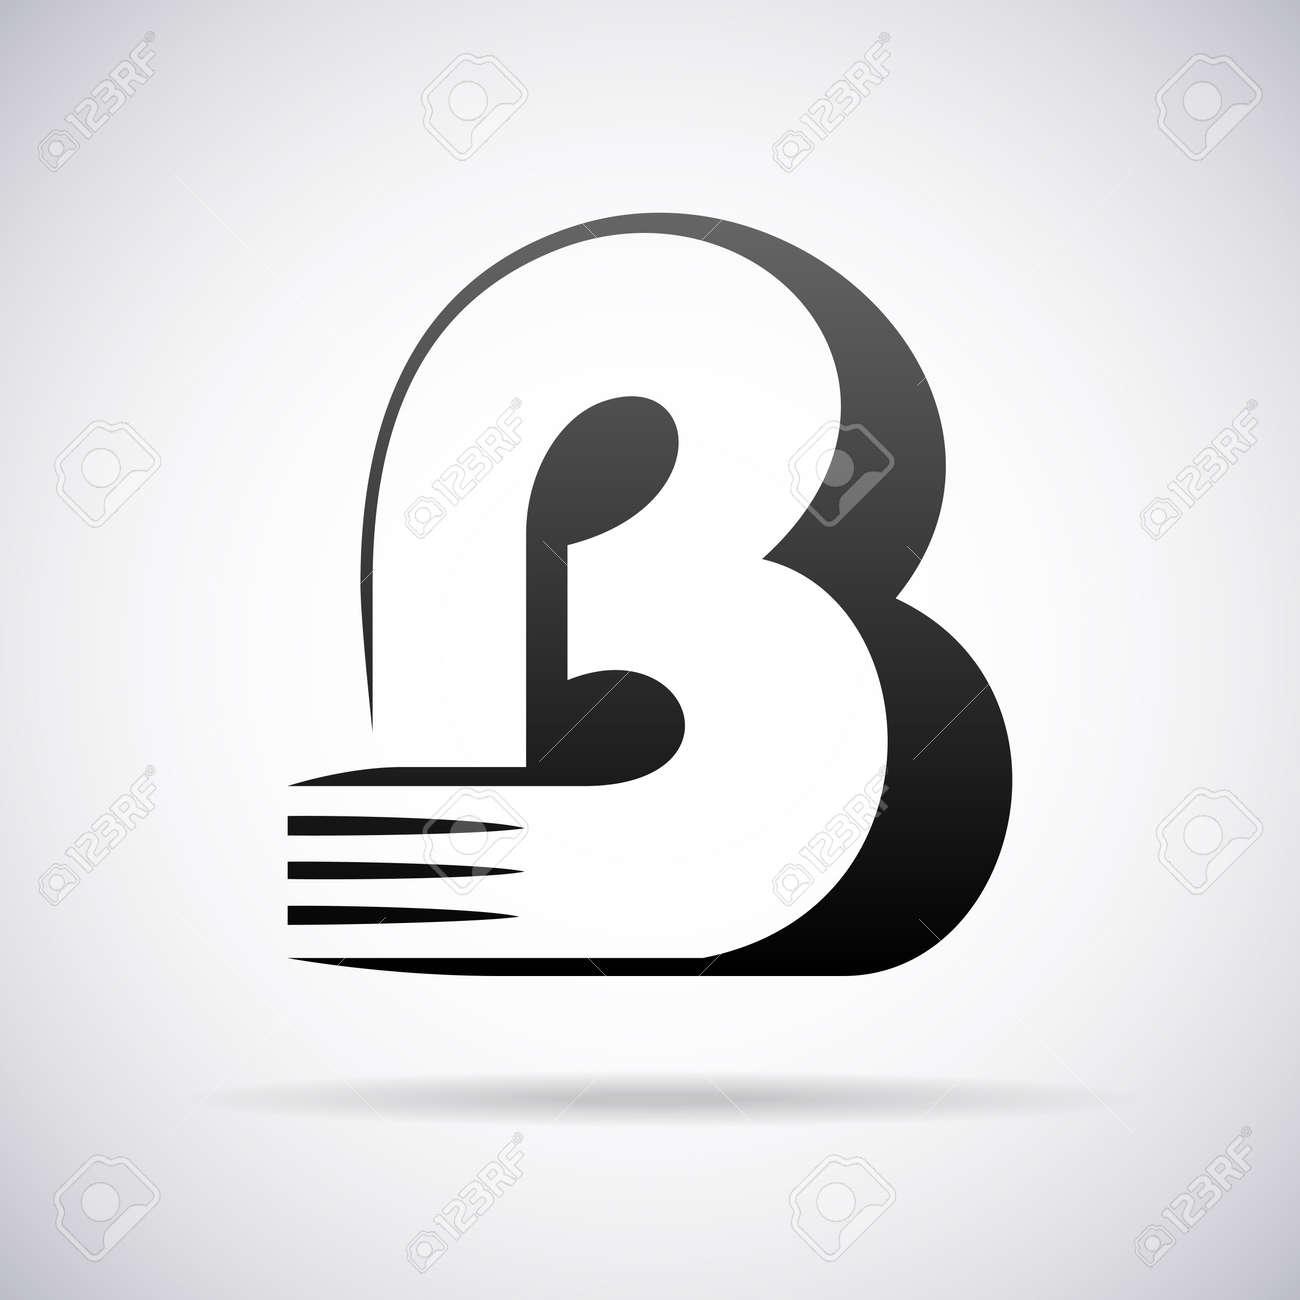 logo for letter b design template vector illustration stock vector 43081120